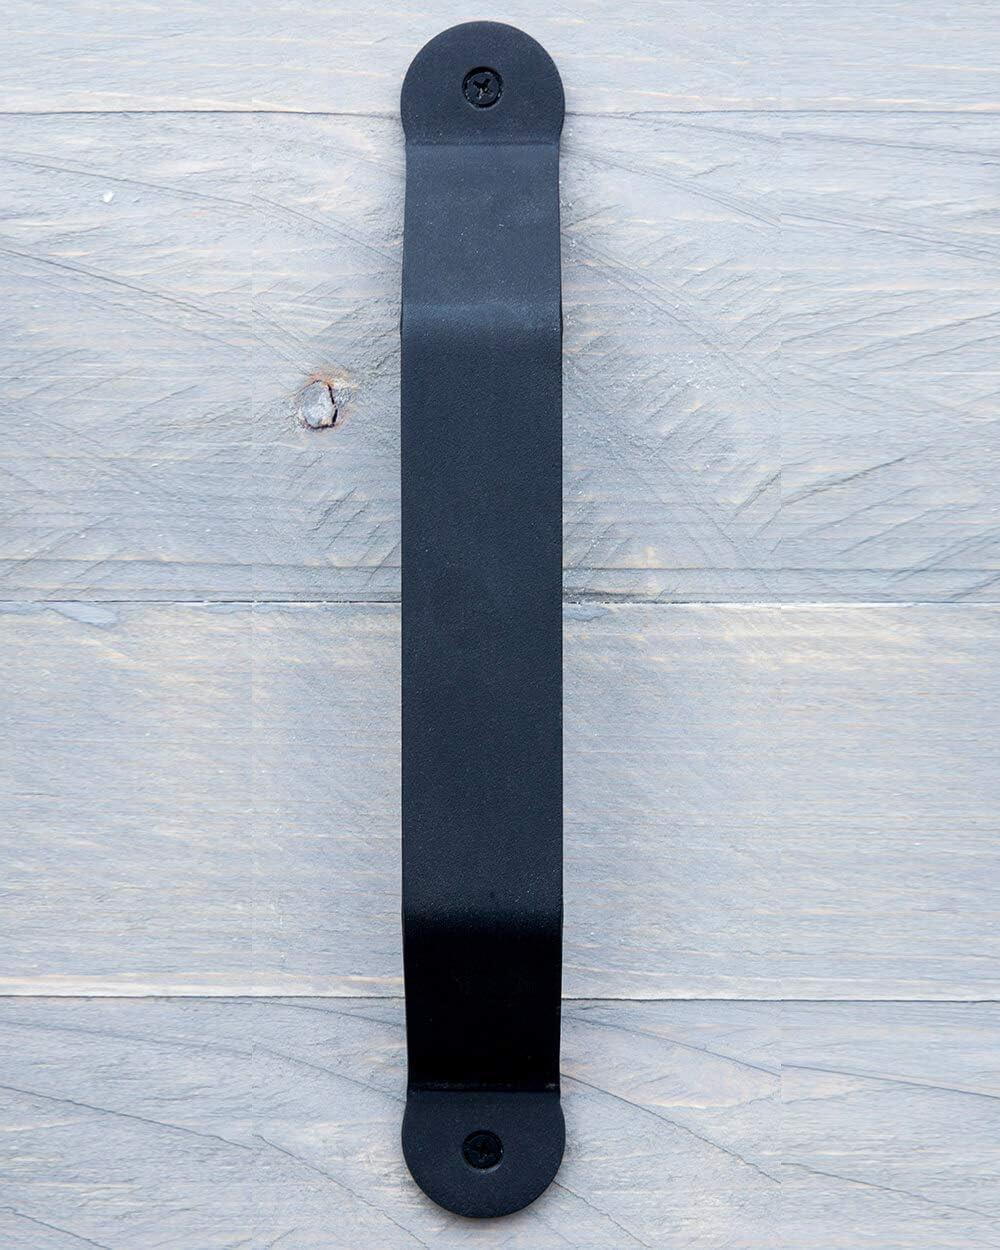 Tirador de puerta Cleveland, color negro, de acero inoxidable con recubrimiento de polvo negro.: Amazon.es: Bricolaje y herramientas